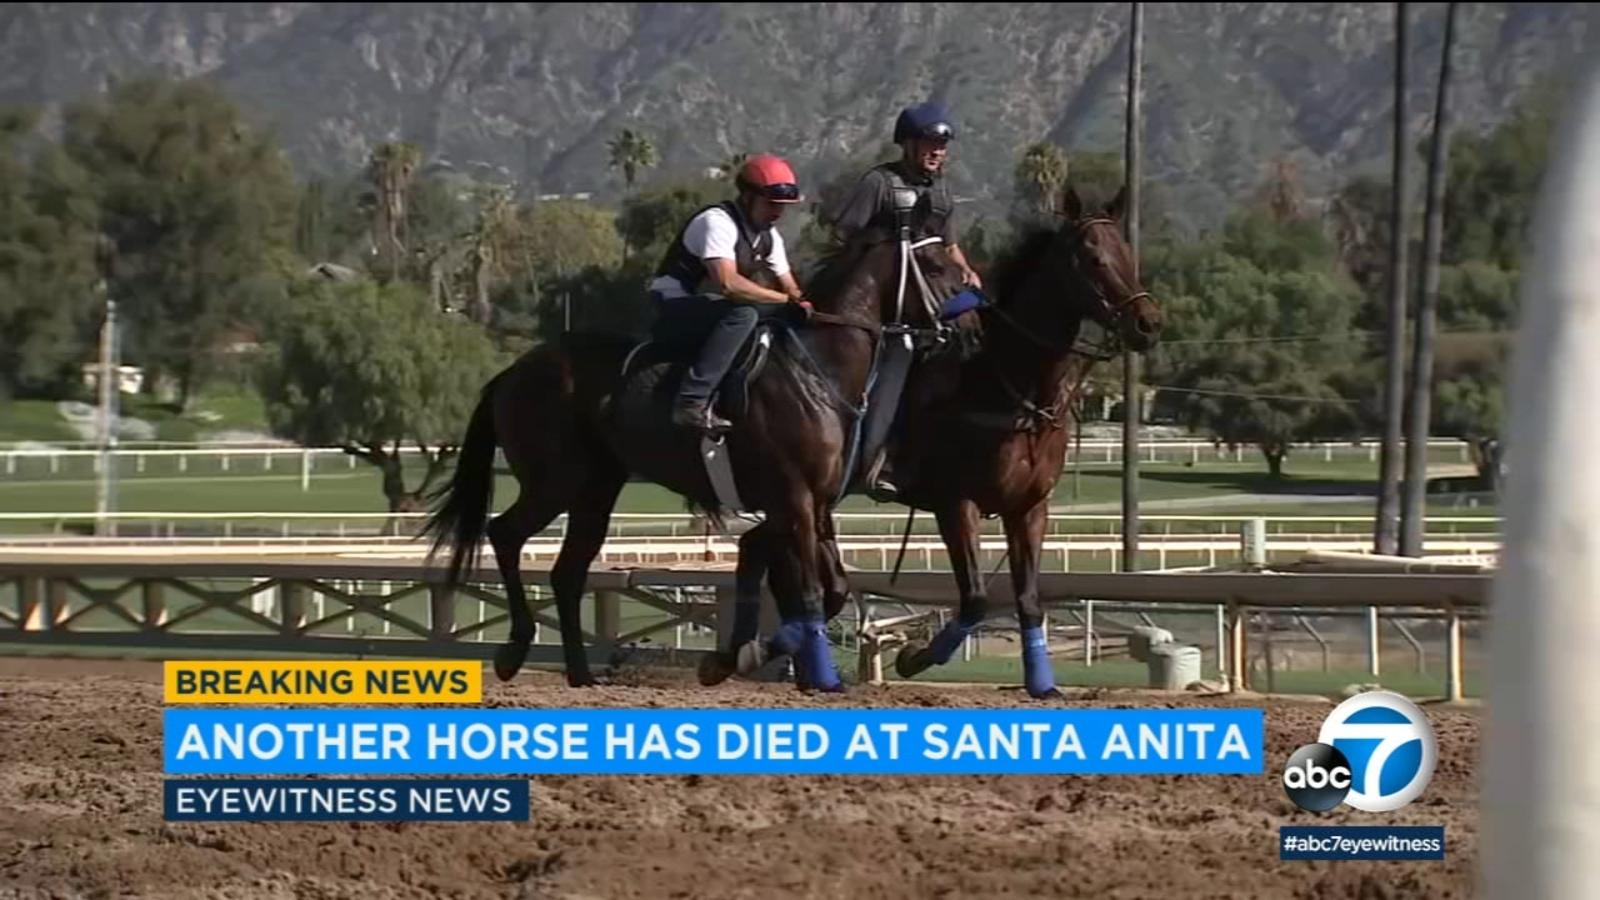 23rd Horse Dies At Santa Anita After Racing Accident